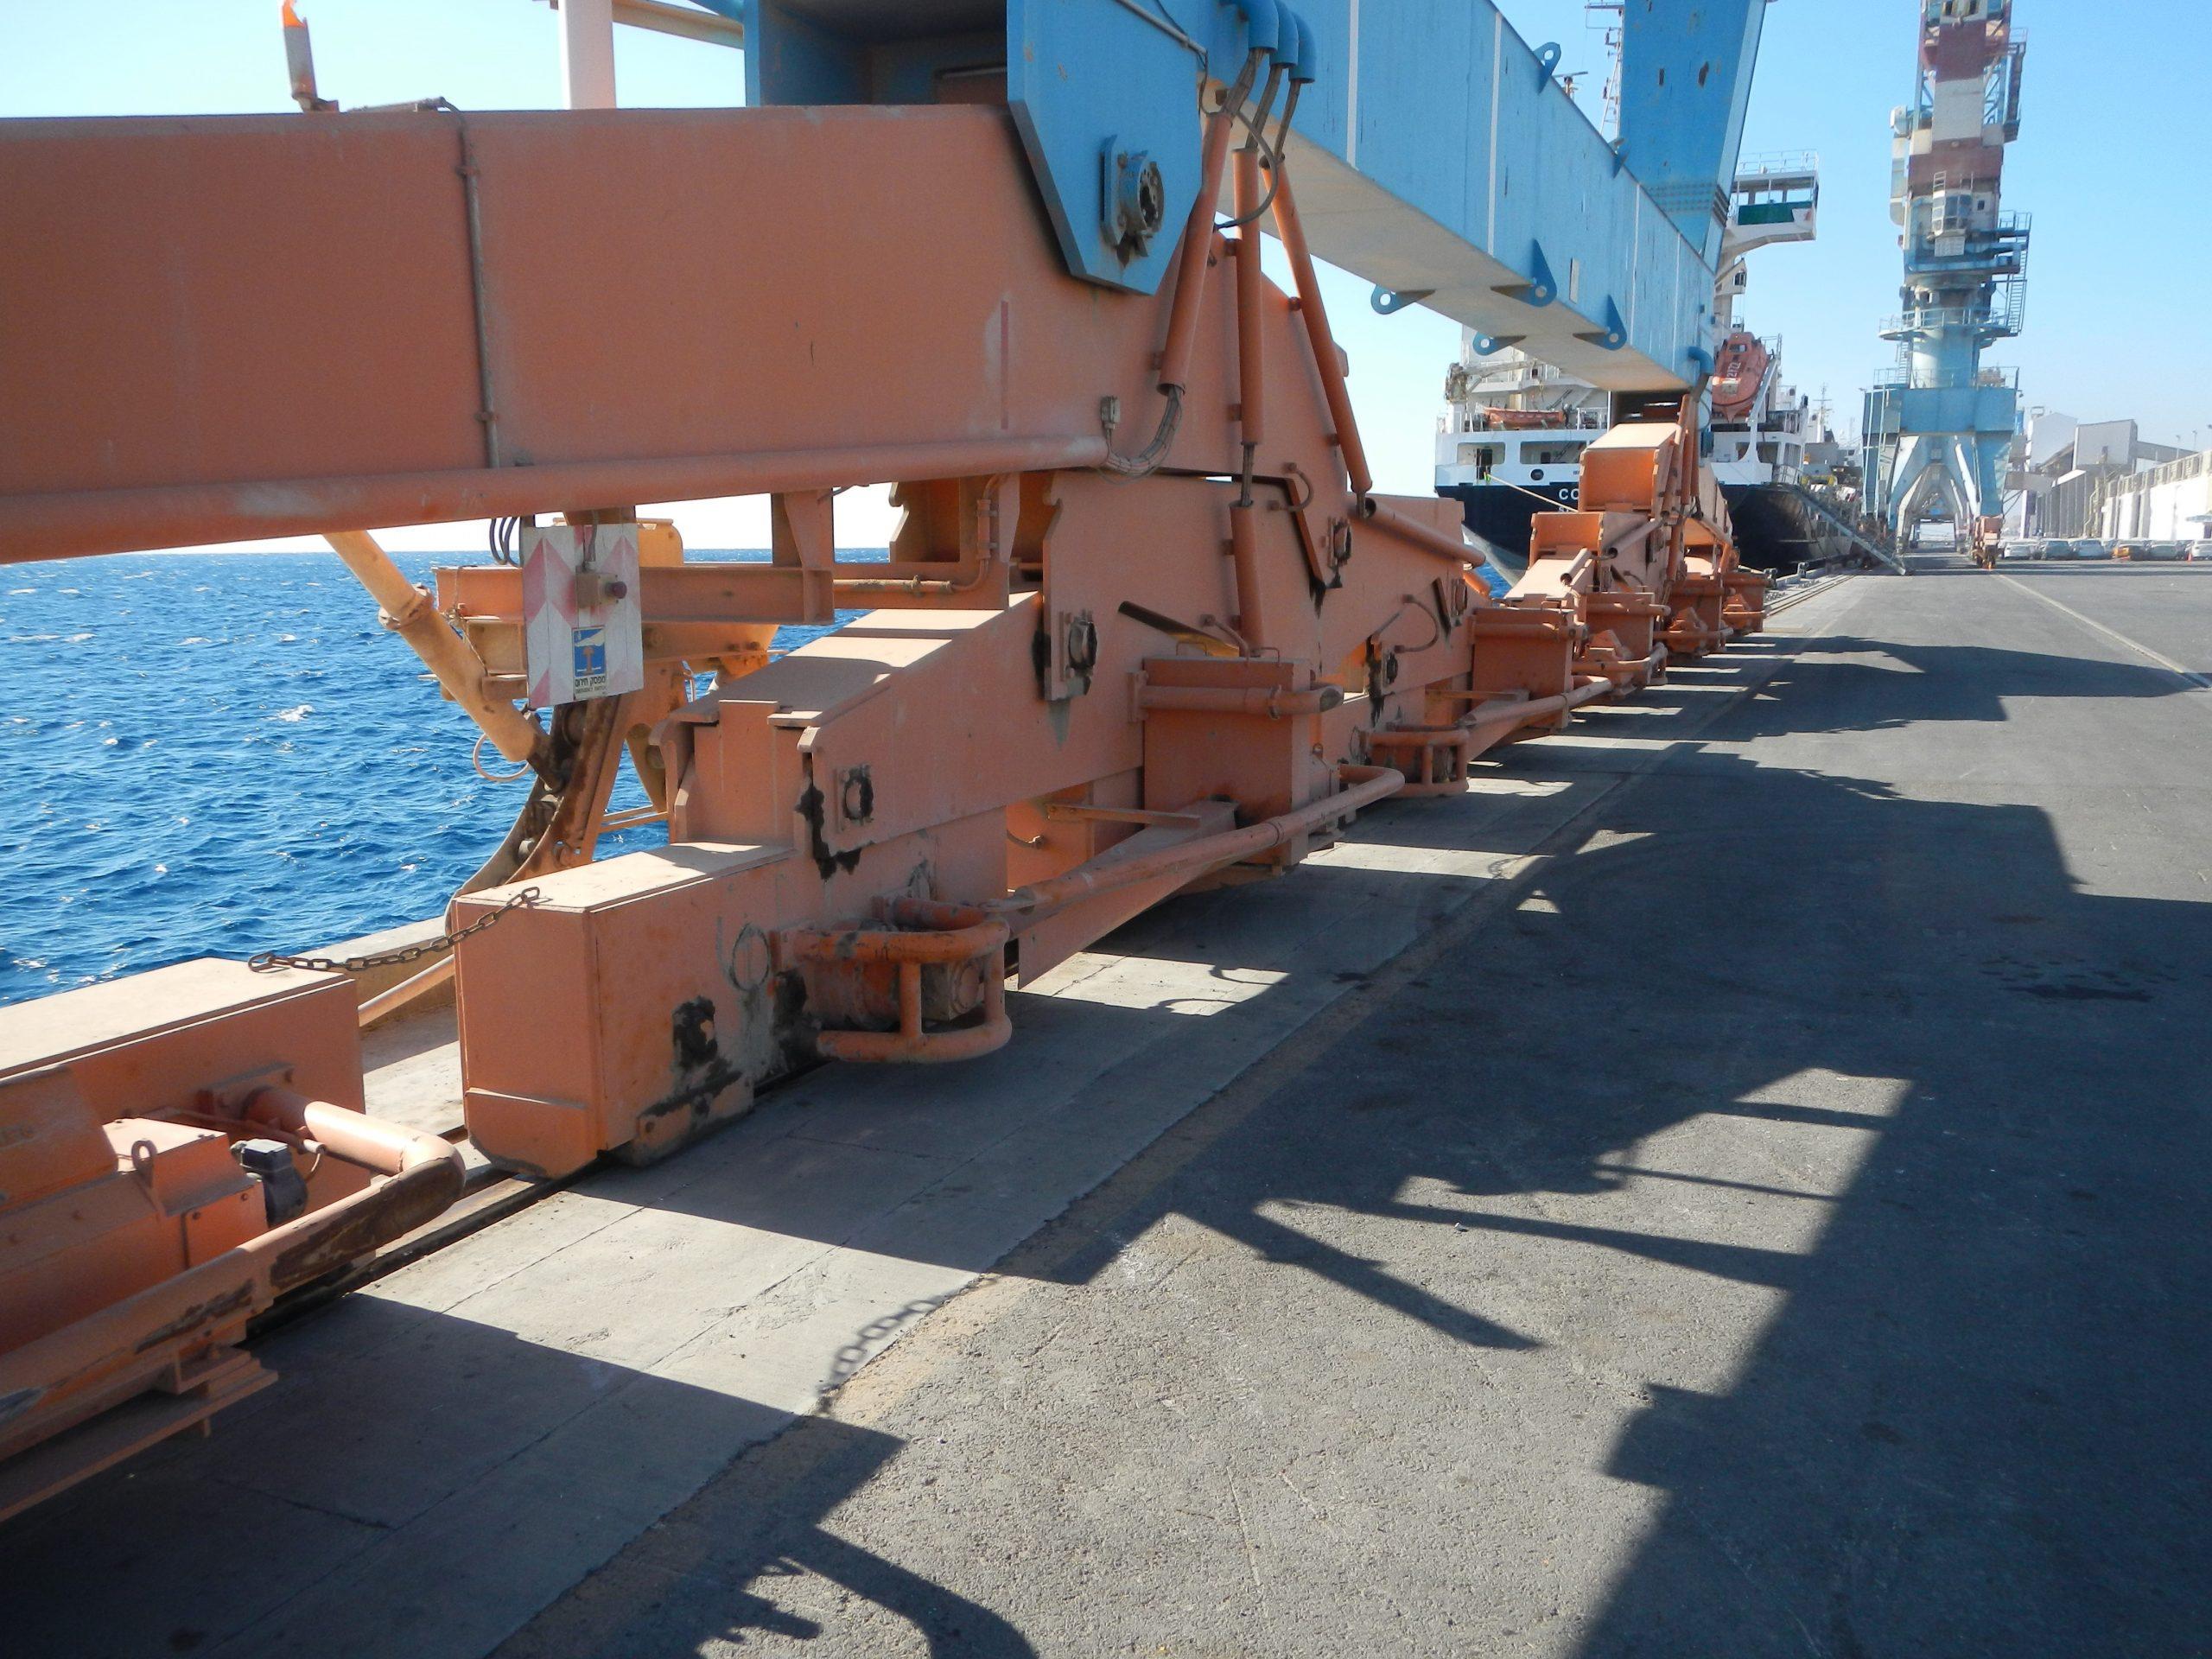 סקר הנדסי בנמל אילת